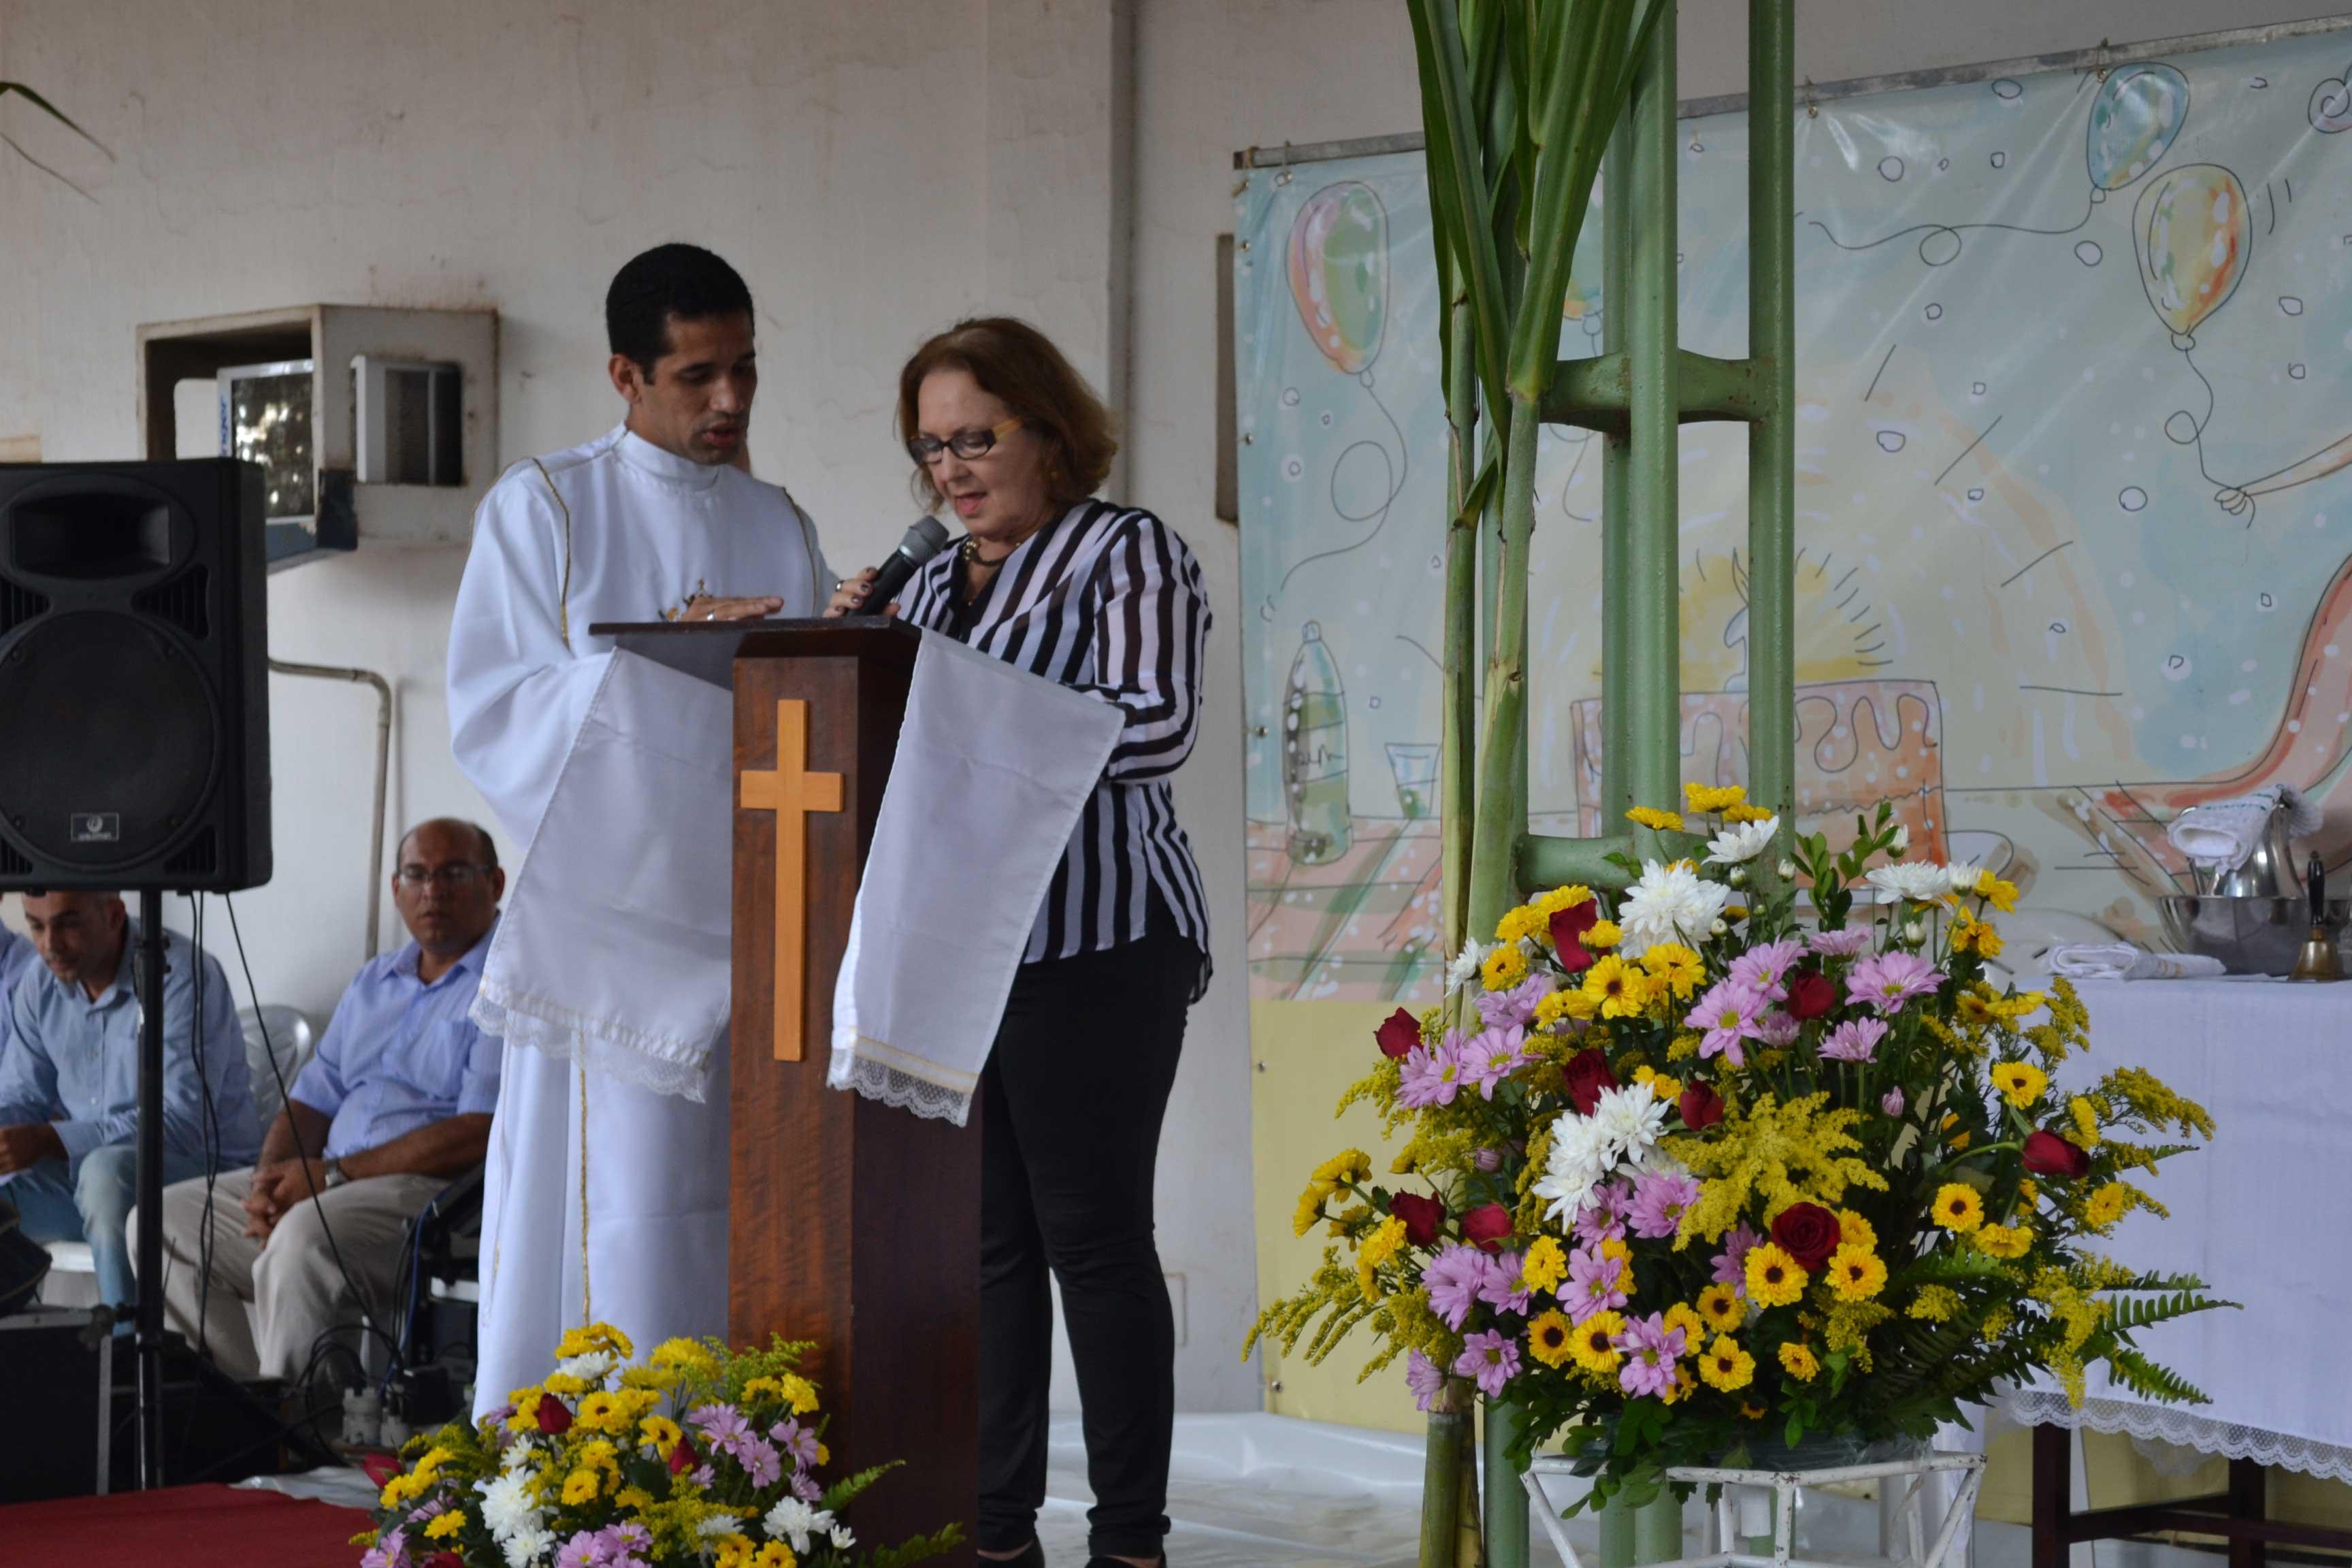 Missa em Ação de Graças marca inicio da safra 2014/2015 no Açúcar Alegre